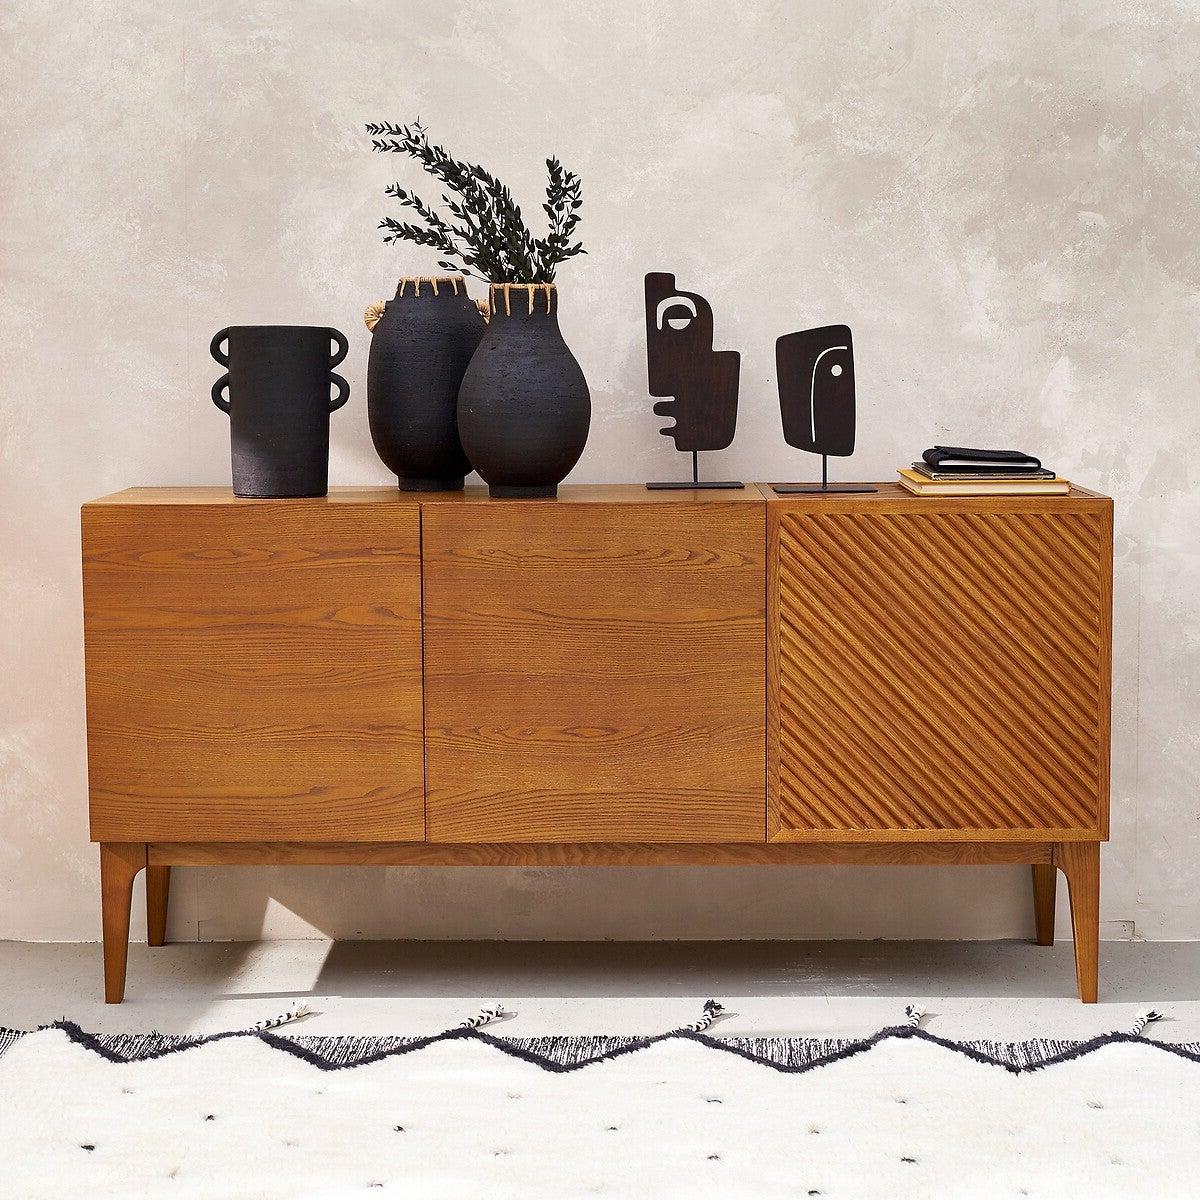 salon buffet bois massif design mid-century moderne 50s vase artisanal